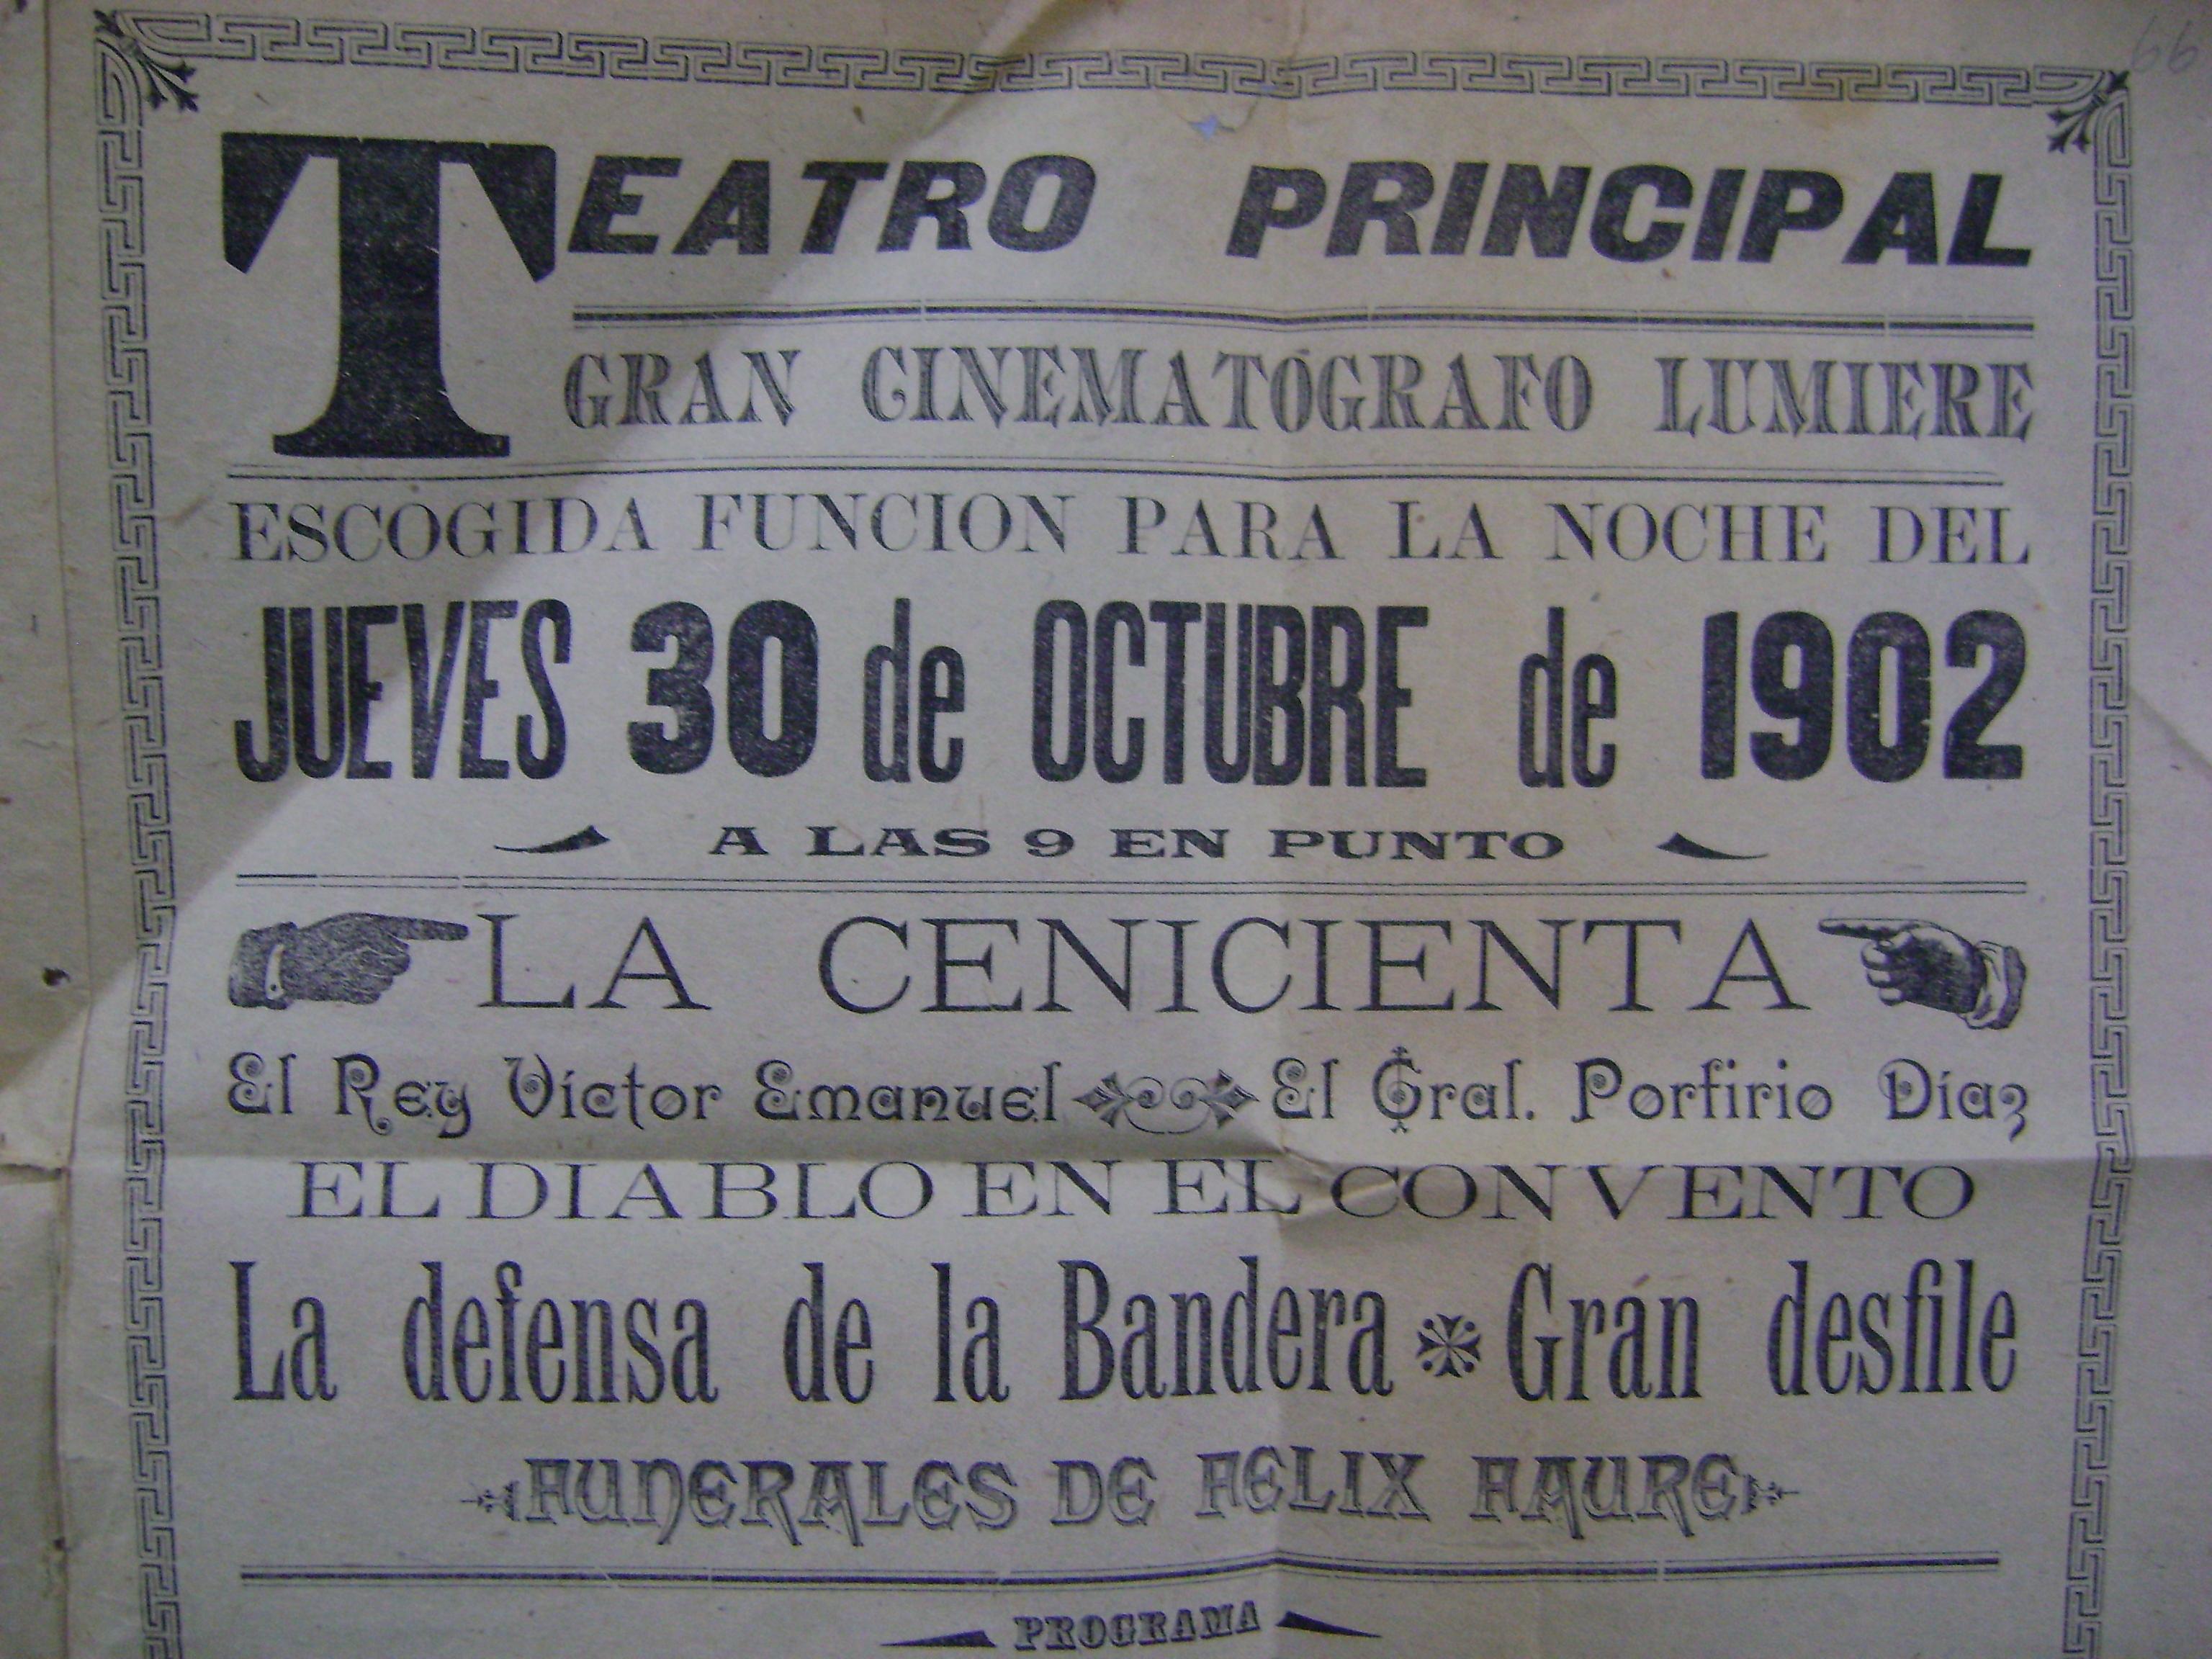 Cartel del Teatro Principal del 30 de octubre de 1902